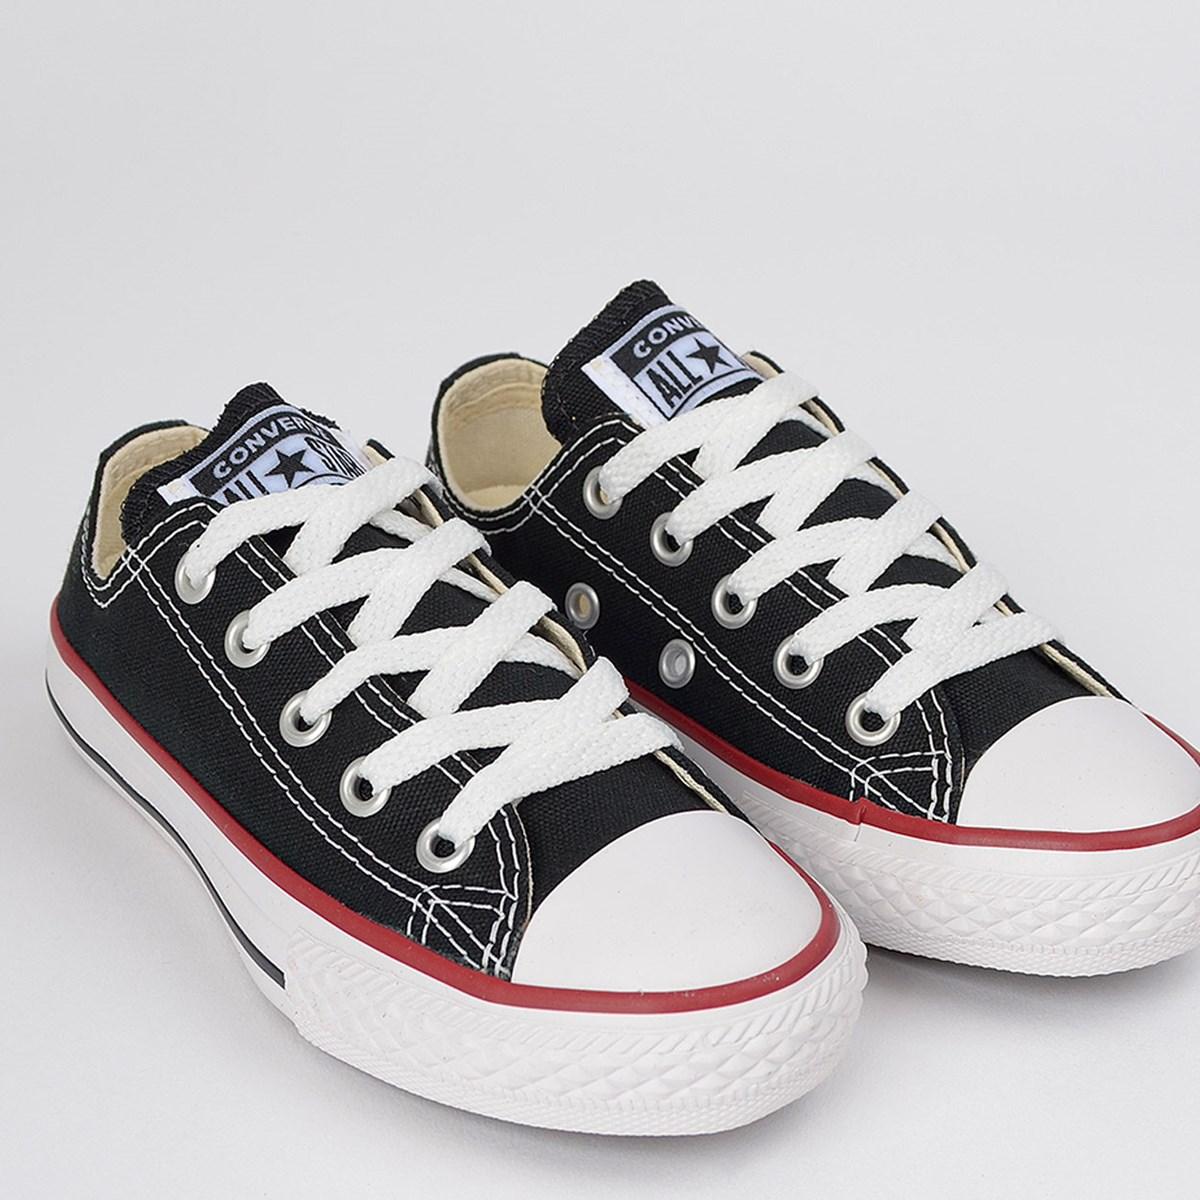 Tênis Converse Chuck Taylor All Star Kids Ox Preto Vermelho CK00020007